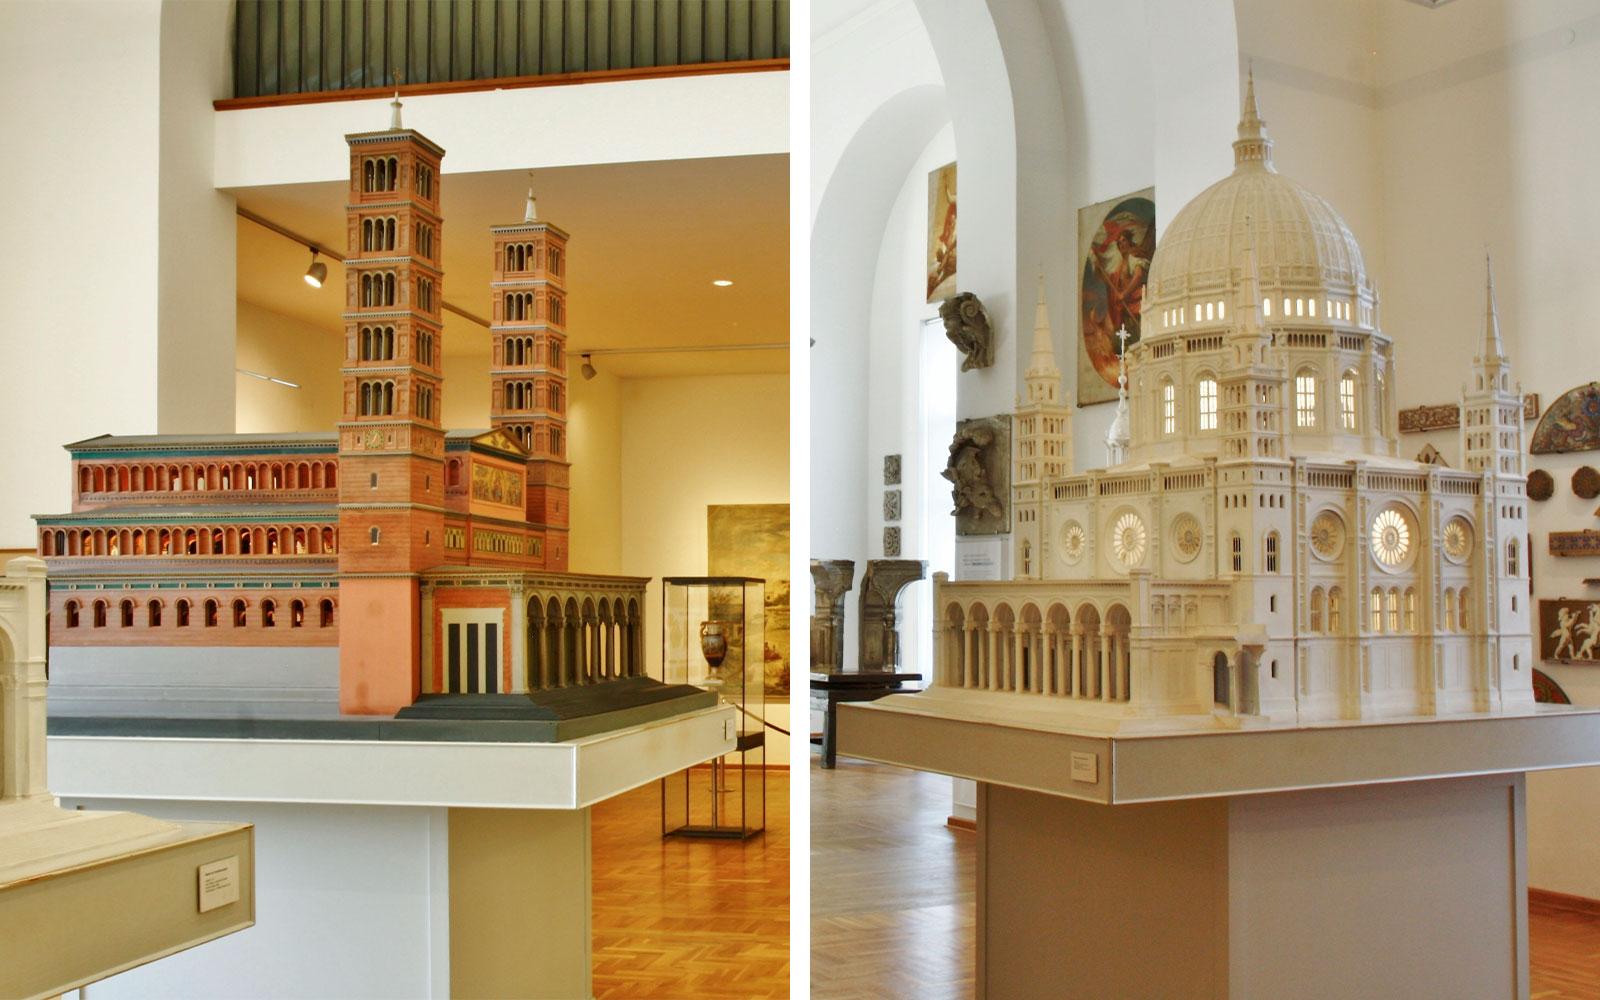 Abb. 9 und 10: Modelle im Dom-Museum, Basilika, Friedrich August Stüler 1843 und Zentralbau, Friedrich August Stüler, 1859, (Fotos: Rüdiger Hoth)